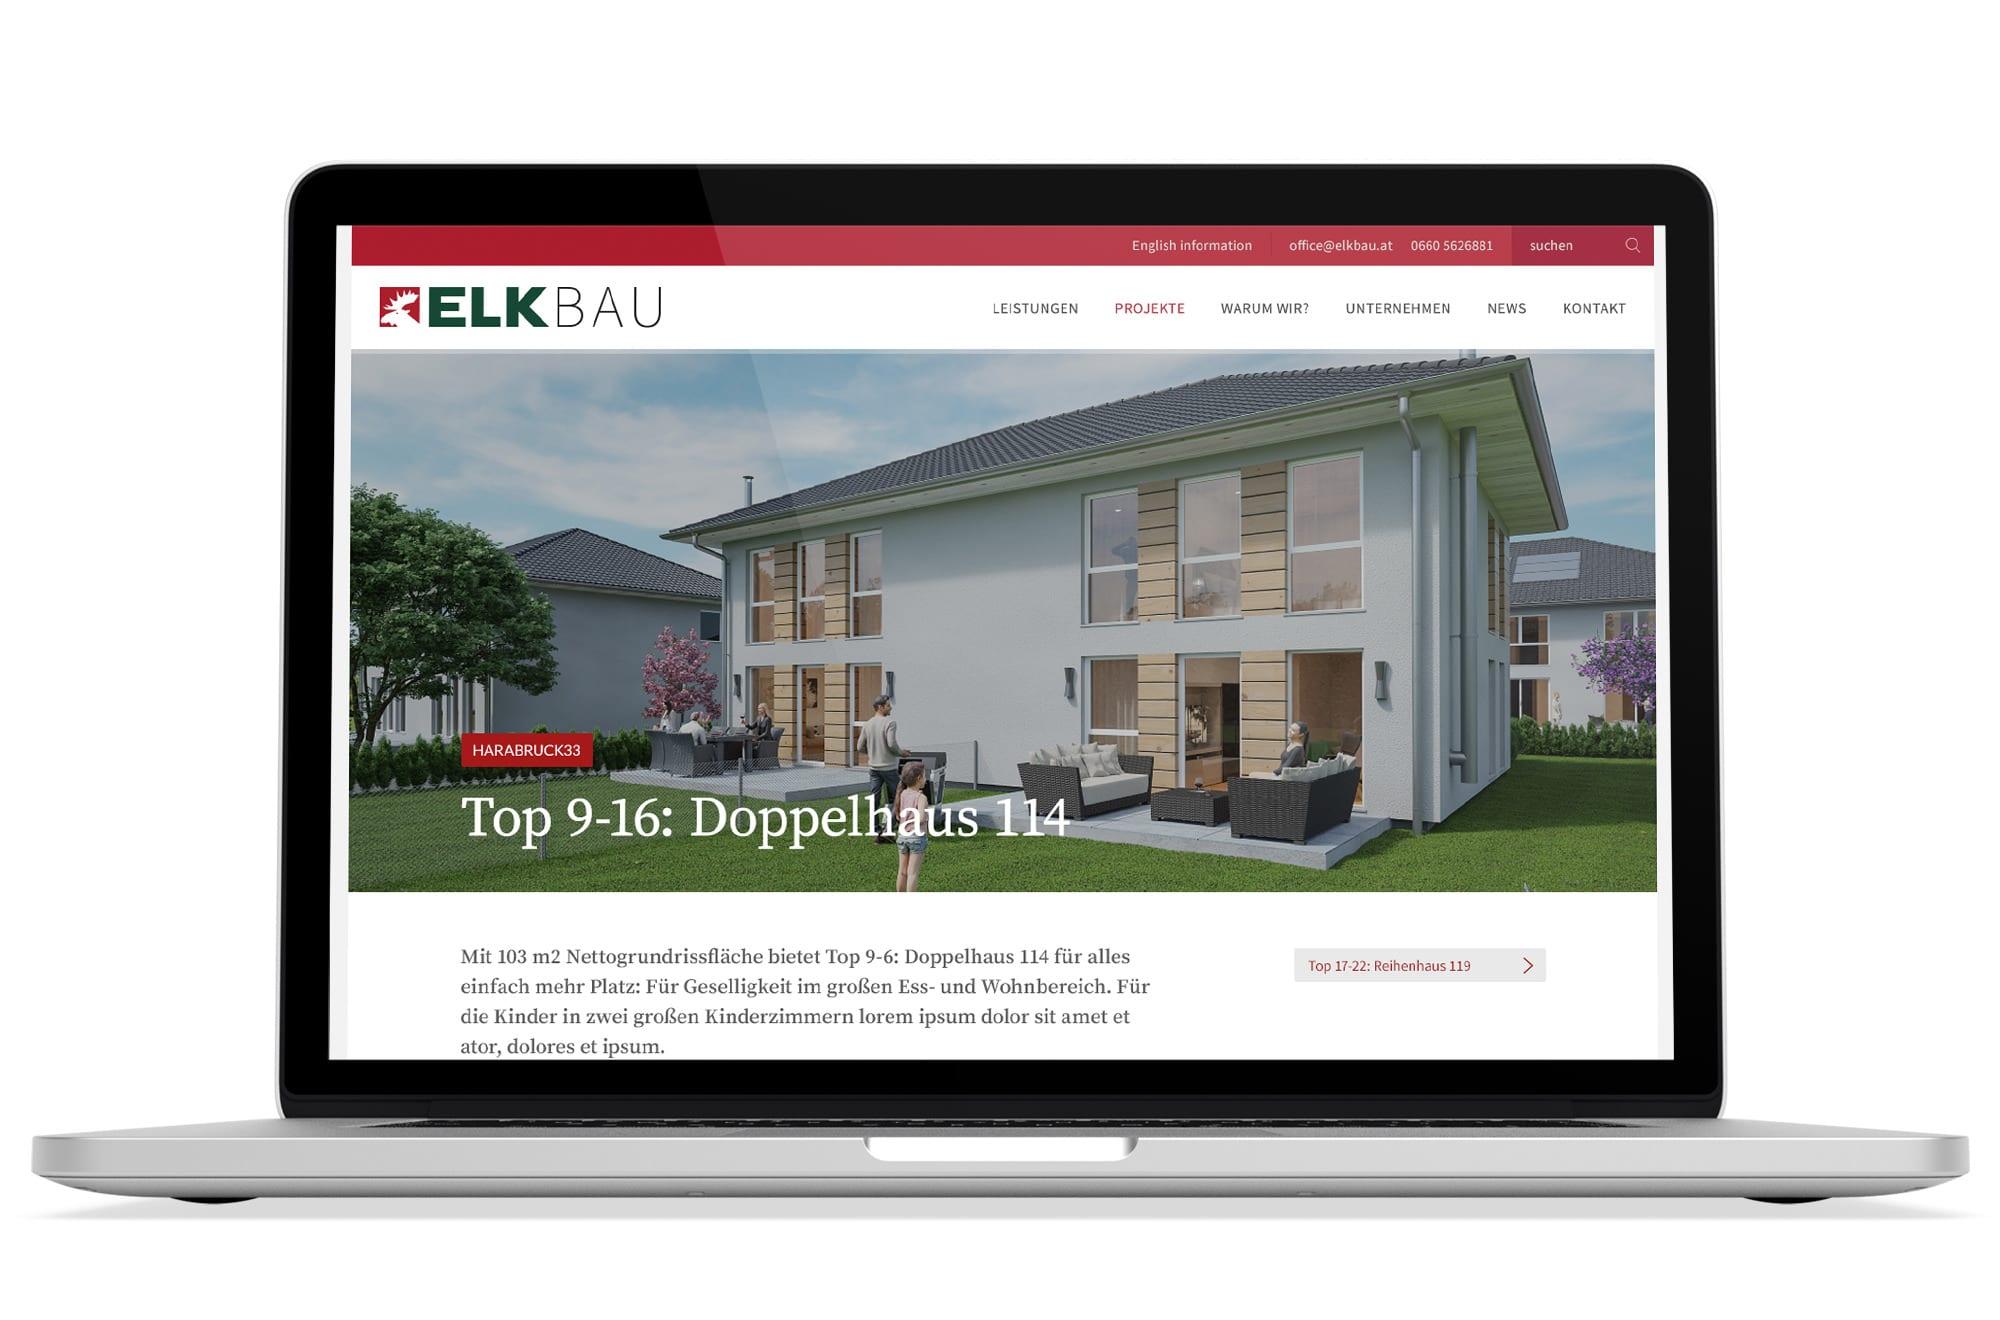 Webdesign Beispiel: Responsive Webdesign, WordPress für Bauträger